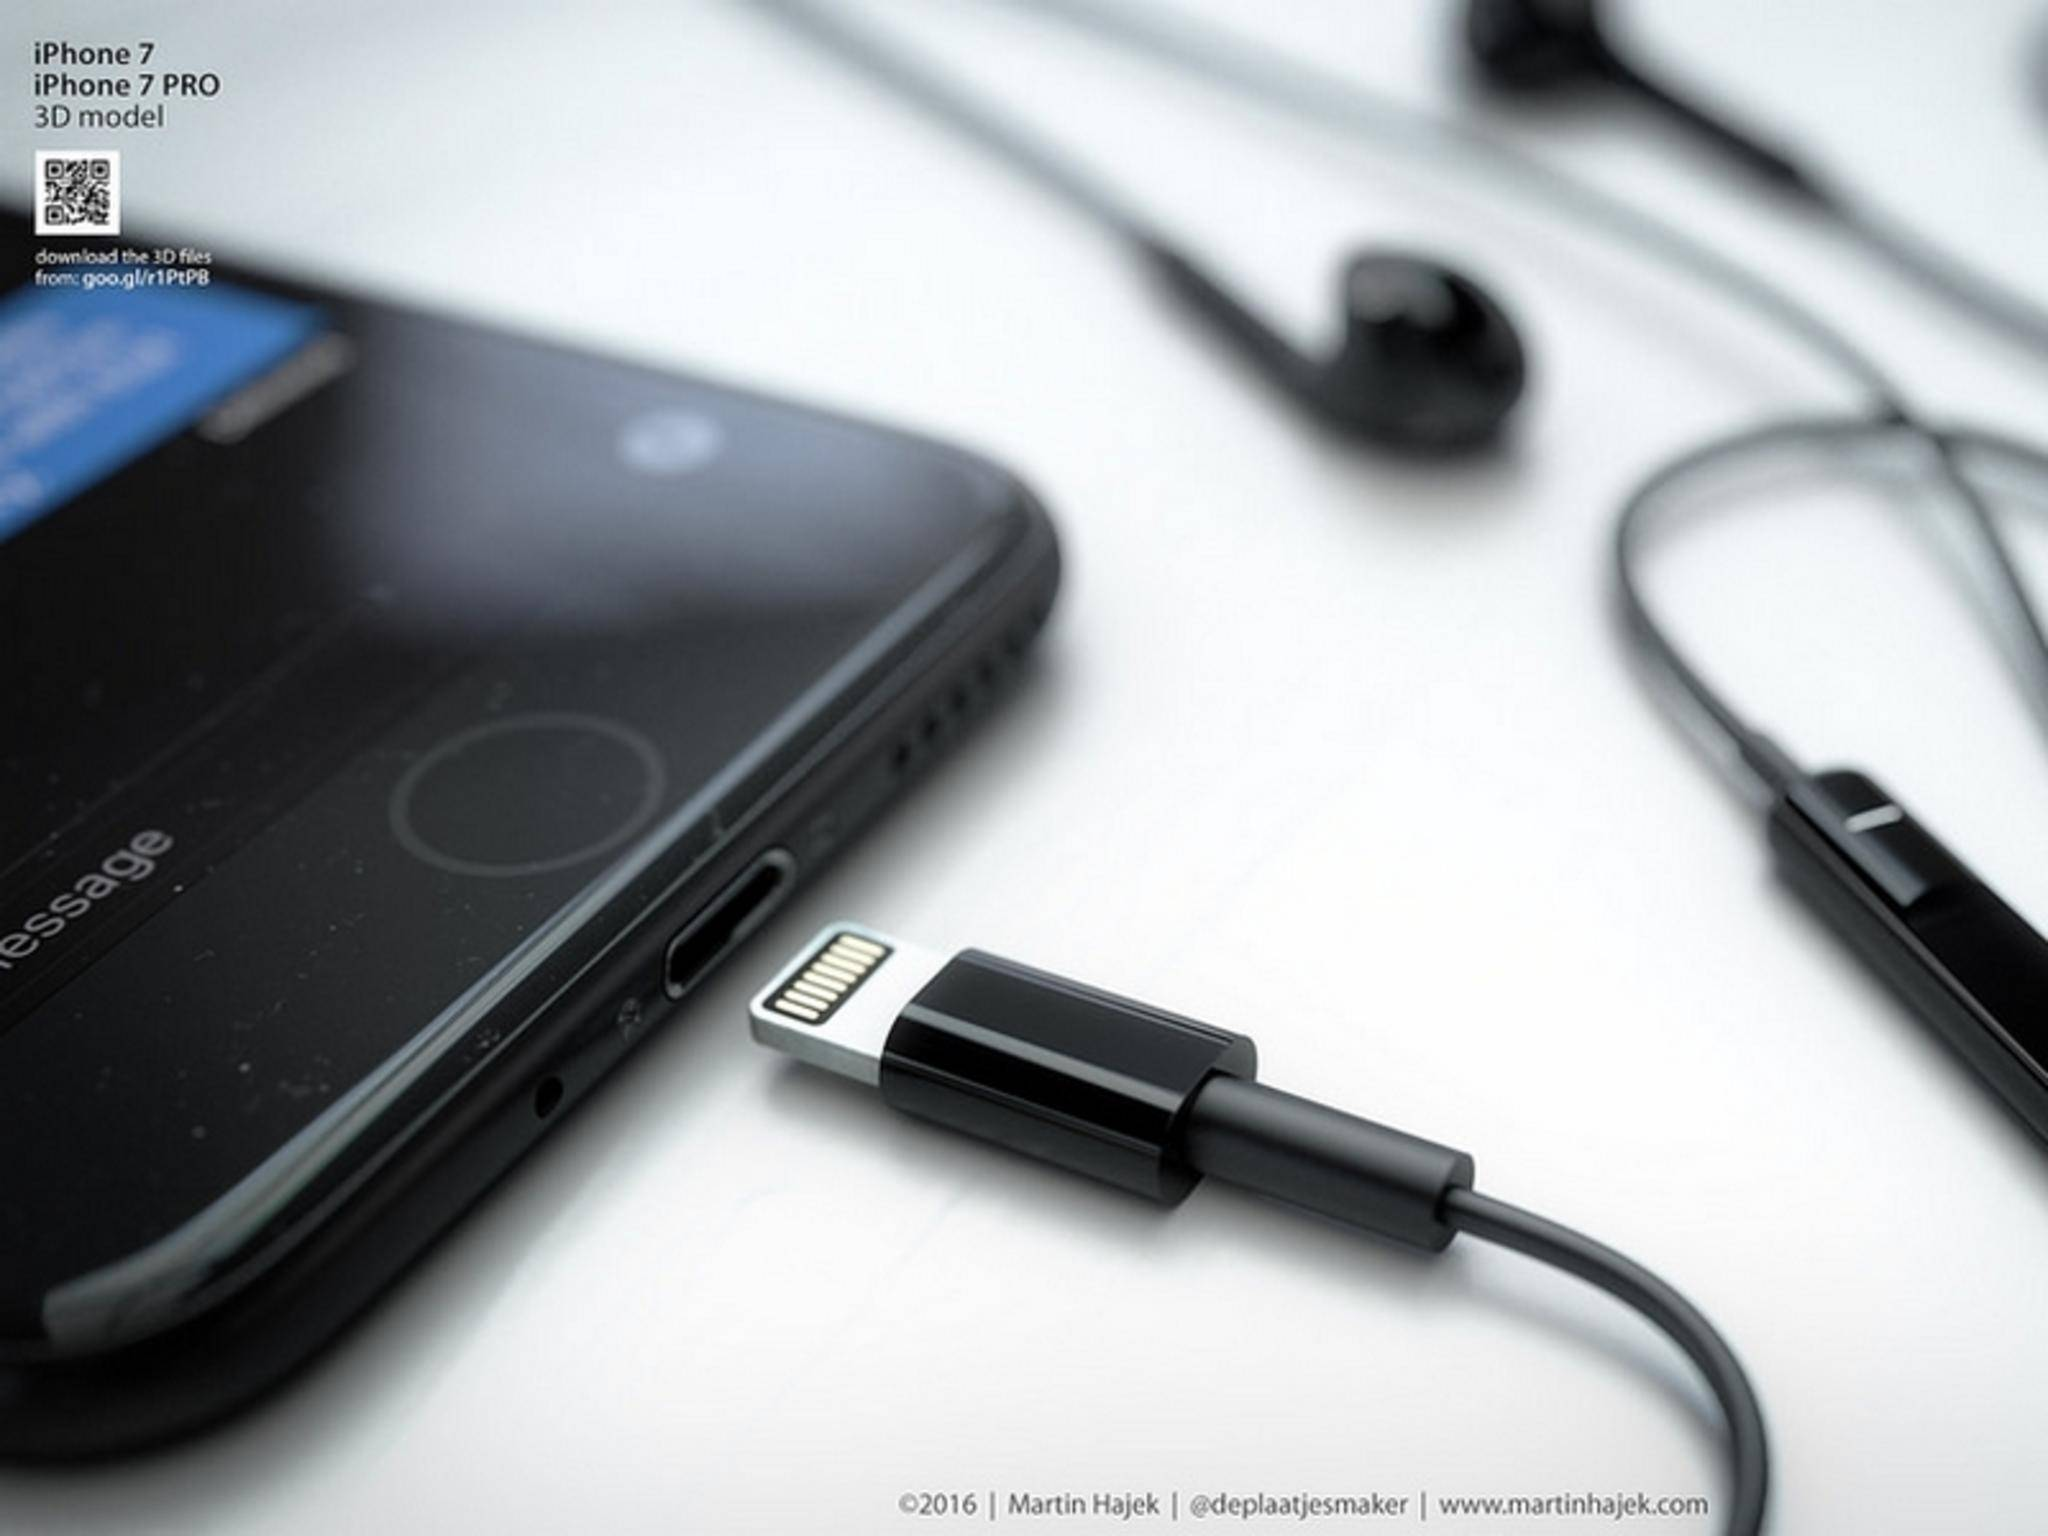 iOS 10 warnt iPhone-Nutzer, wenn der Lightning-Anschluss feucht wird.